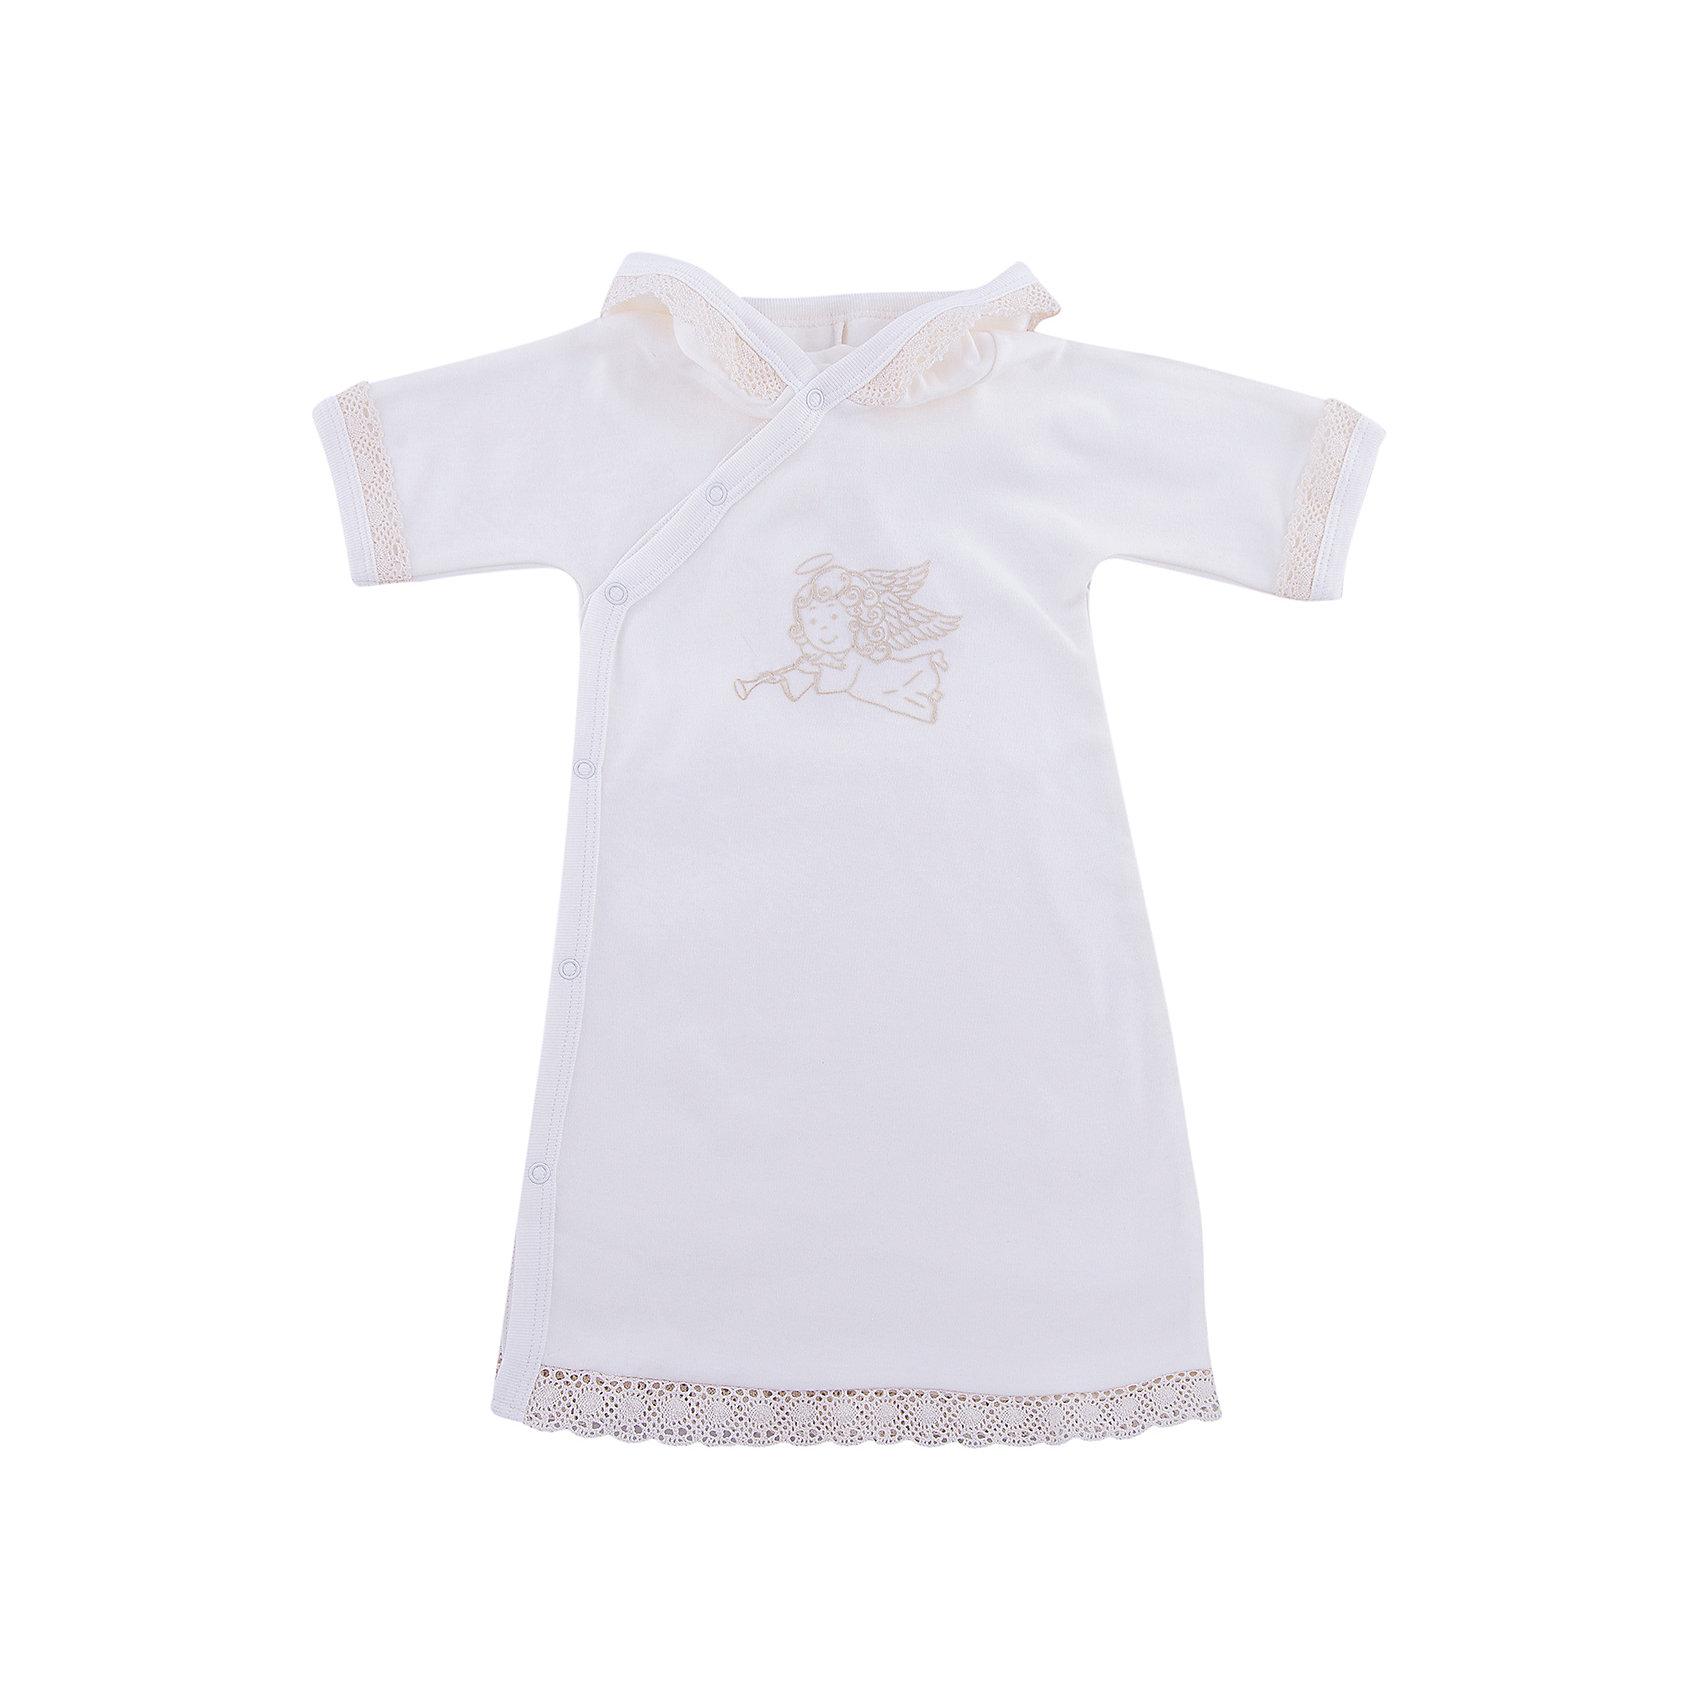 Крестильная рубашка с тесьмой, р-р 68, NewBorn, белыйПлатья<br>Характеристики:<br><br>• Вид детской одежды: рубашка<br>• Предназначение: для крещения<br>• Коллекция: NewBorn<br>• Сезон: круглый год<br>• Пол: для мальчика<br>• Тематика рисунка: ангелы<br>• Размер: 68<br>• Цвет: белый, золотистый<br>• Материал: трикотаж, хлопок<br>• Длина рукава: короткие<br>• Застежка: сзади на кнопке<br>• Декорирована широкой тесьмой золотистого цвета<br>• Передняя полочка украшена термонаклейкой в виде ангела и тесьмой<br>• Особенности ухода: допускается деликатная стирка без использования красящих и отбеливающих средств<br><br>Крестильная рубашка с тесьмой, р-р 68, NewBorn, белый из коллекции NewBorn от отечественного швейного производства ТексПром предназначено для создания праздничного образа мальчика во время торжественного обряда крещения. Рубашка представлена в коллекции NewBorn, которая сочетает в себе классические и современные тенденции в мире моды для новорожденных, при этом при технологии изготовления детской одежды сохраняются самые лучшие традиции: свободный крой, внешние швы и натуральные ткани. Рубашка с короткими рукавами и круглой горловиной, обработанной бейкой из трикотажа золотистого цвета. Застежка на кнопках предусмотрена на спинке, что обеспечивает ее легкое одевание. Праздничный образ создается за счет отделки рукавов, и передней полочки широким кружевом золотистого цвета и термонаклейки в виде ангела. <br><br>Крестильную рубашку с тесьмой, р-р 68, NewBorn, белый можно купить в нашем интернет-магазине.<br><br>Ширина мм: 220<br>Глубина мм: 5<br>Высота мм: 400<br>Вес г: 200<br>Возраст от месяцев: 3<br>Возраст до месяцев: 6<br>Пол: Унисекс<br>Возраст: Детский<br>SKU: 4912511